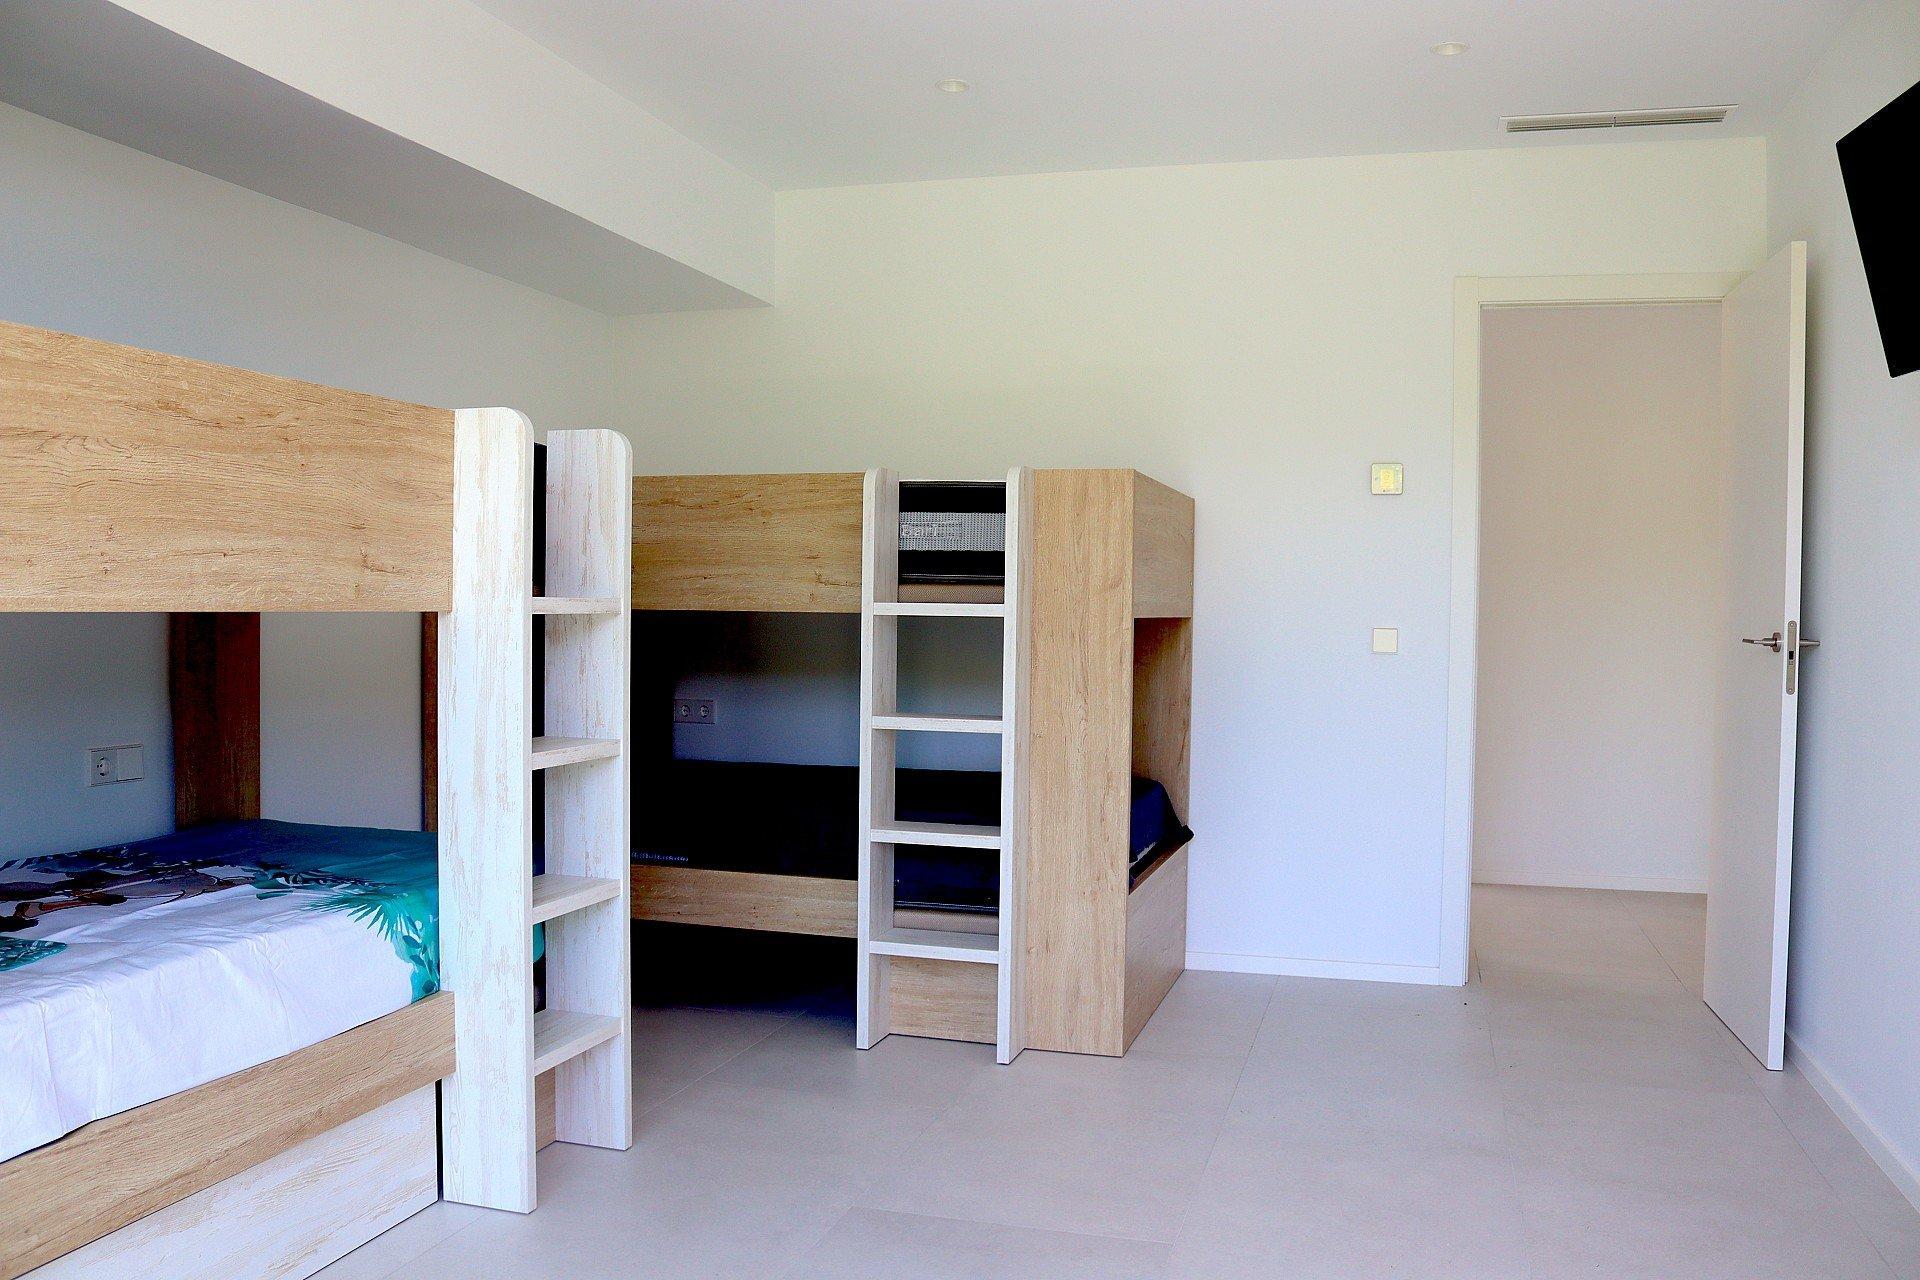 Moderne designvilla in een rustige omgeving